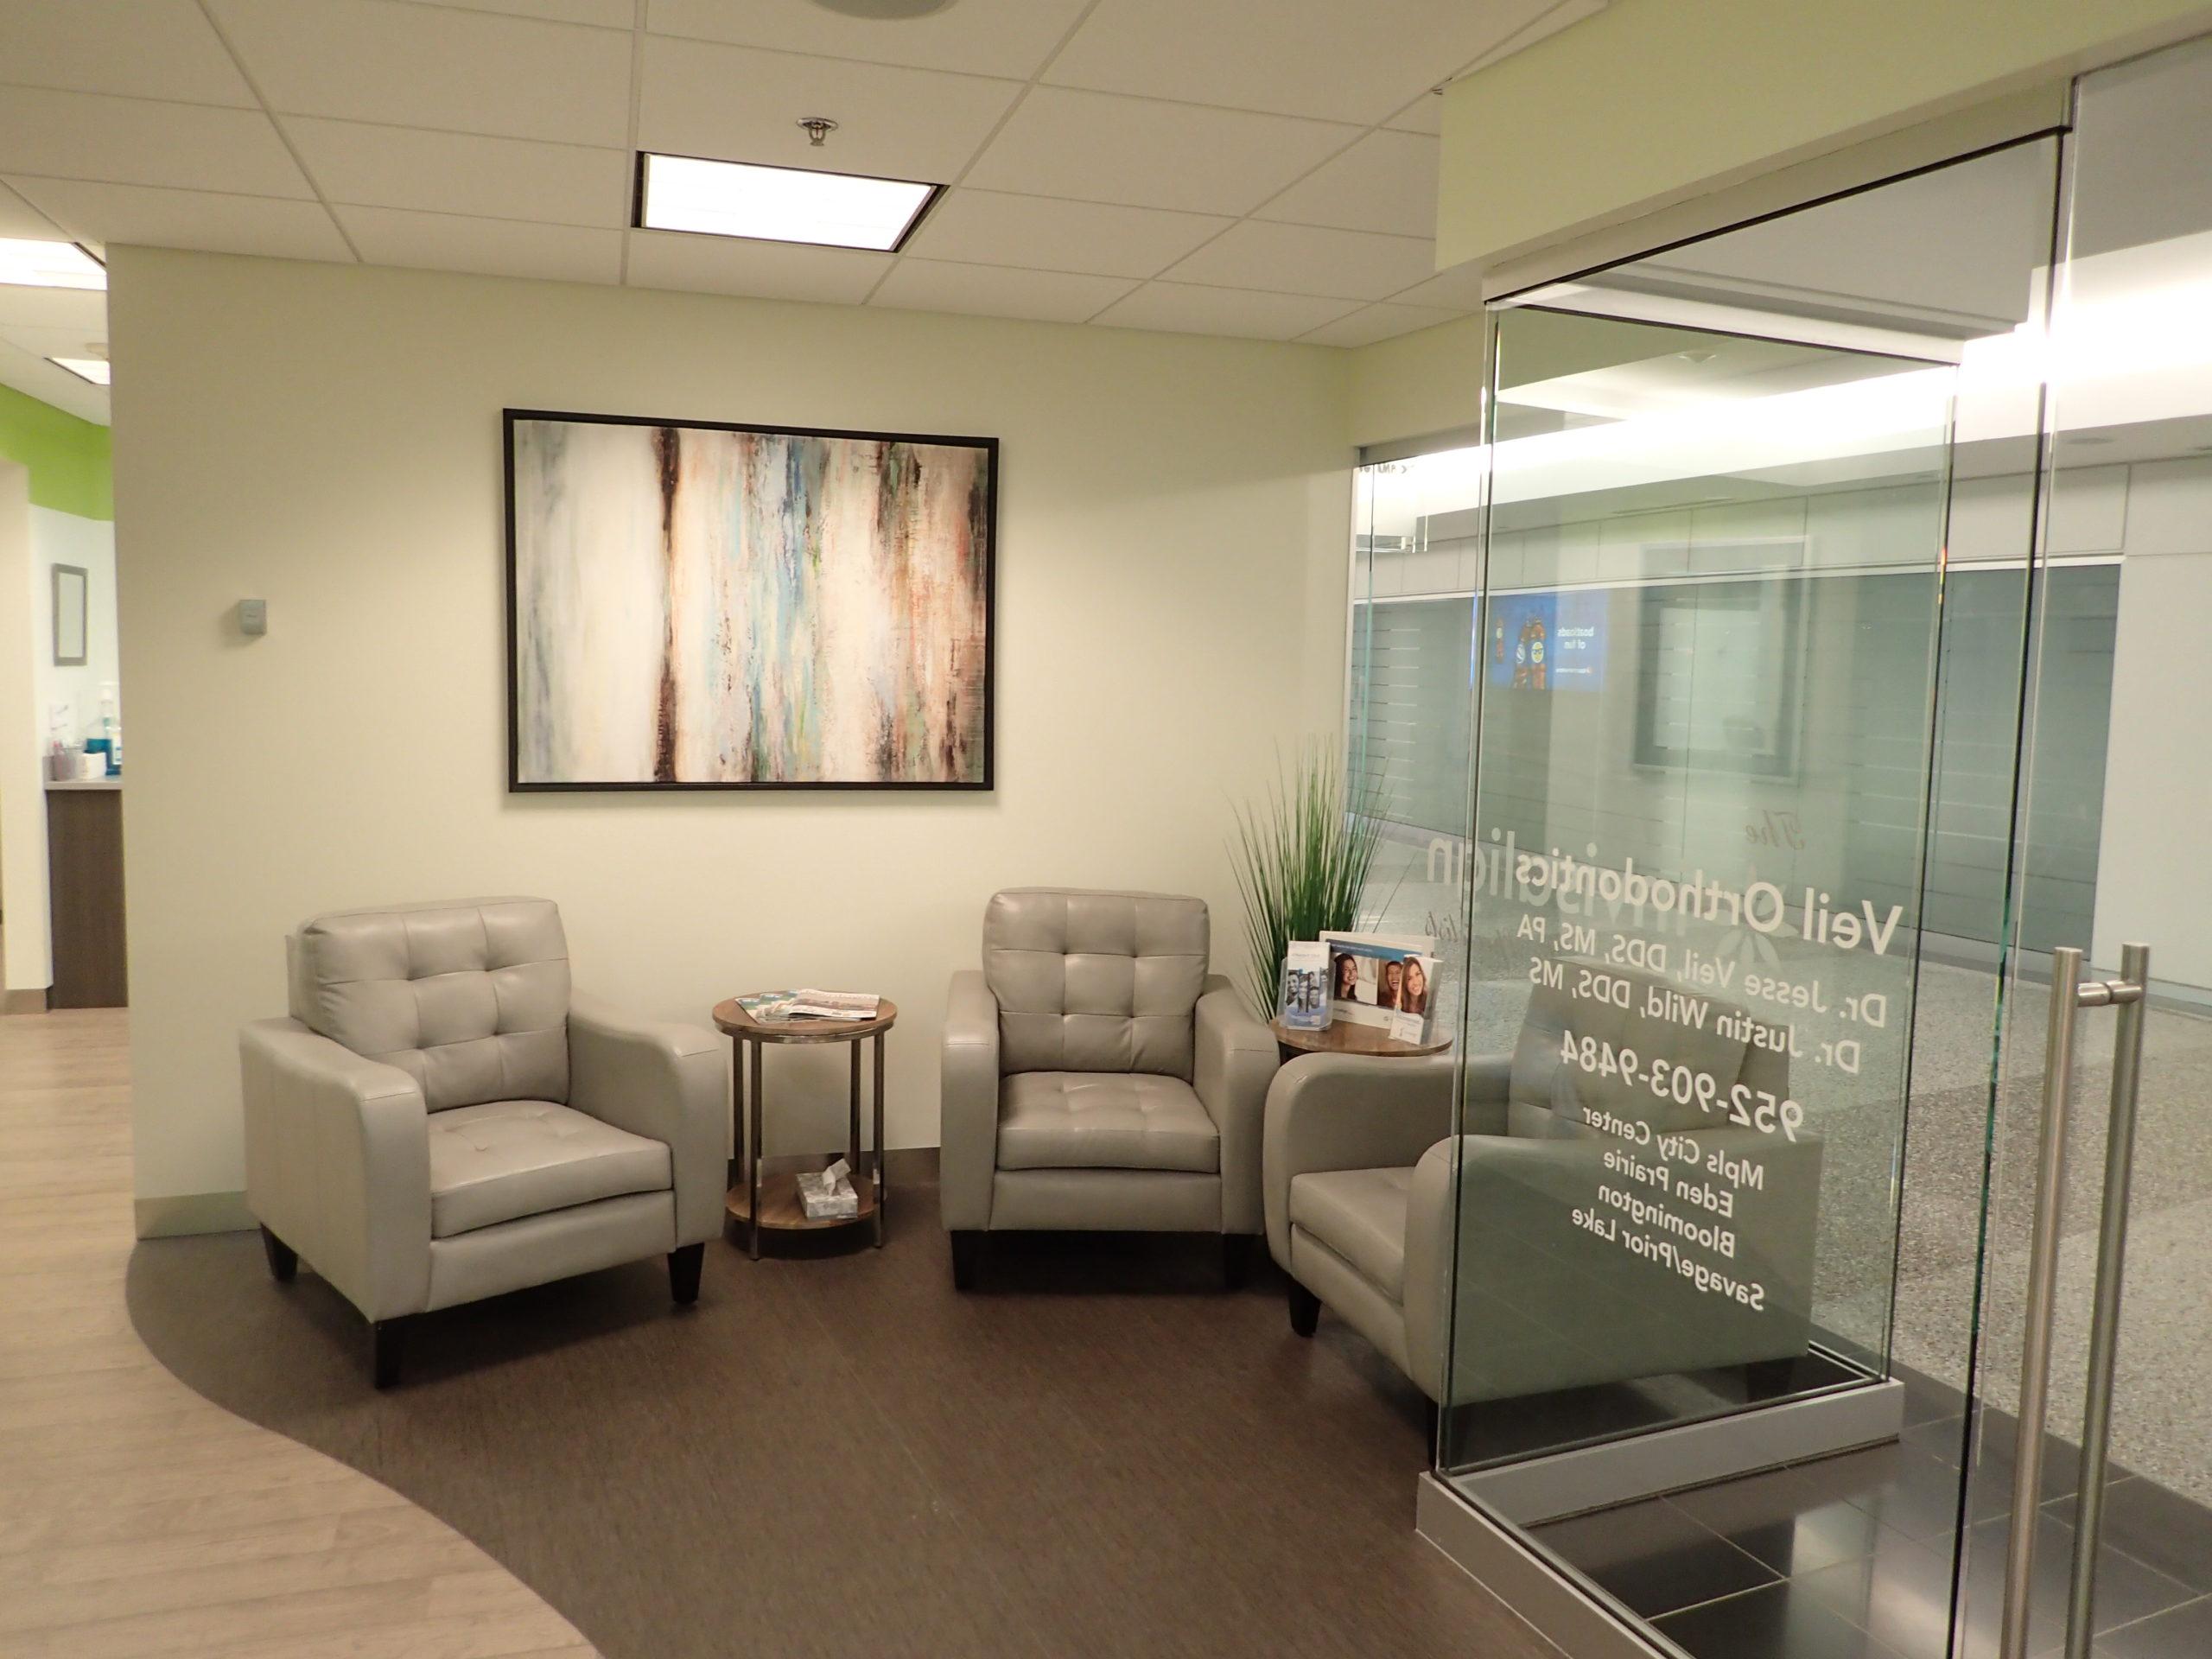 Minneapolis Orthodontics